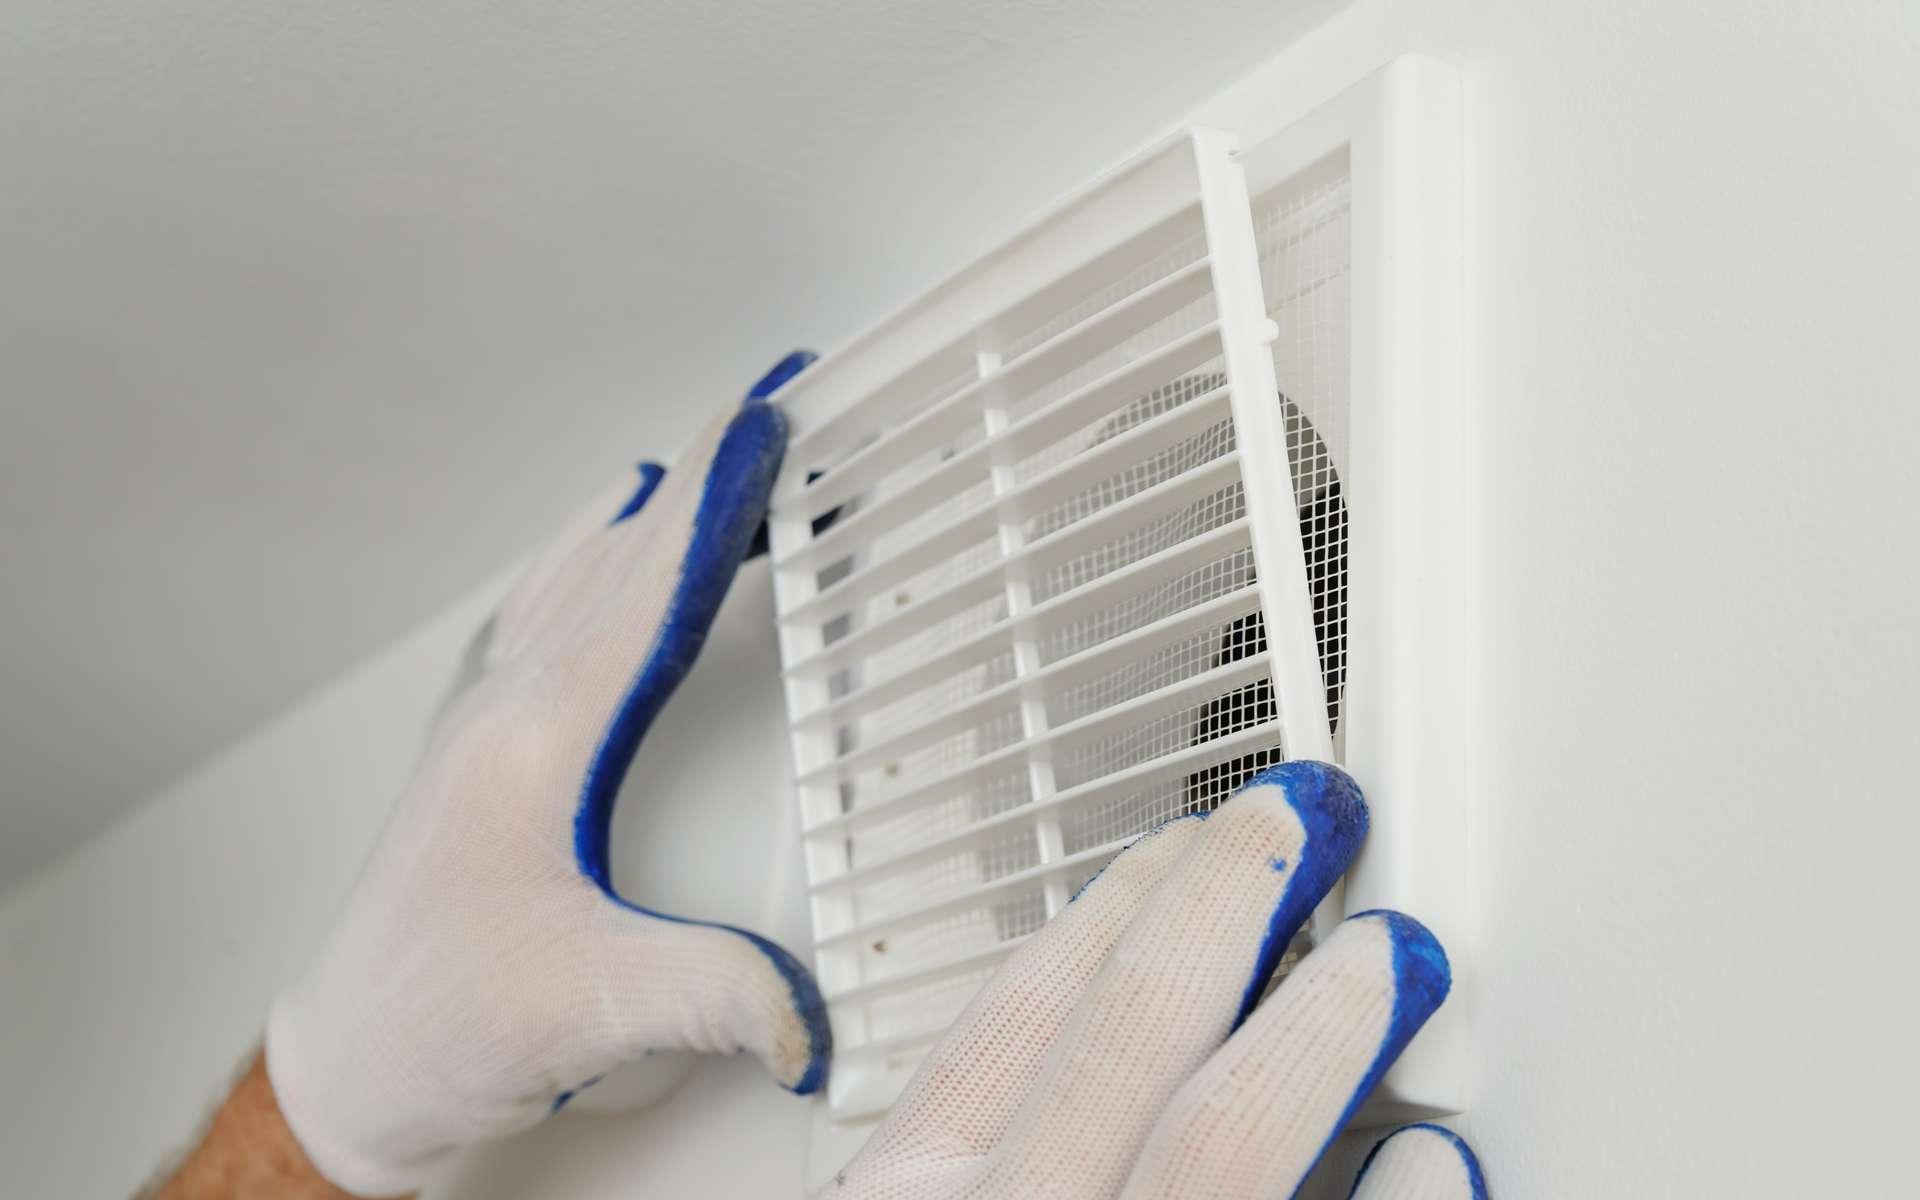 La ventilation naturelle se compose de deux grilles de ventilation. Positionnée en haut et en bas d'un mur, elles permettent de renouveler le volume d'air d'une pièce. Pour être efficace, les grilles doivent être nettoyées régulièrement. © yunava1, Adobe Stock